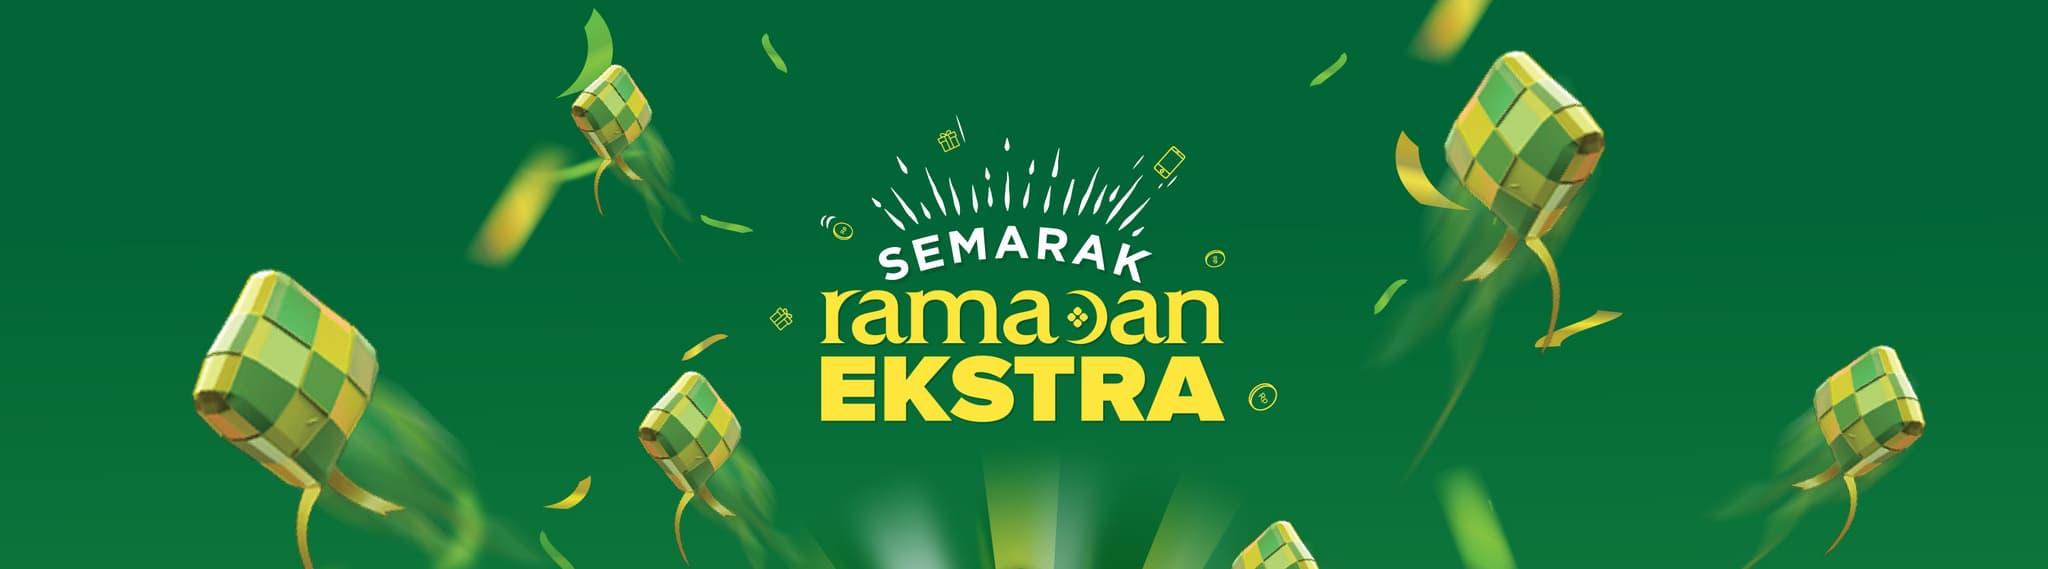 Semarak Ramadan Ekstra Tokopedia